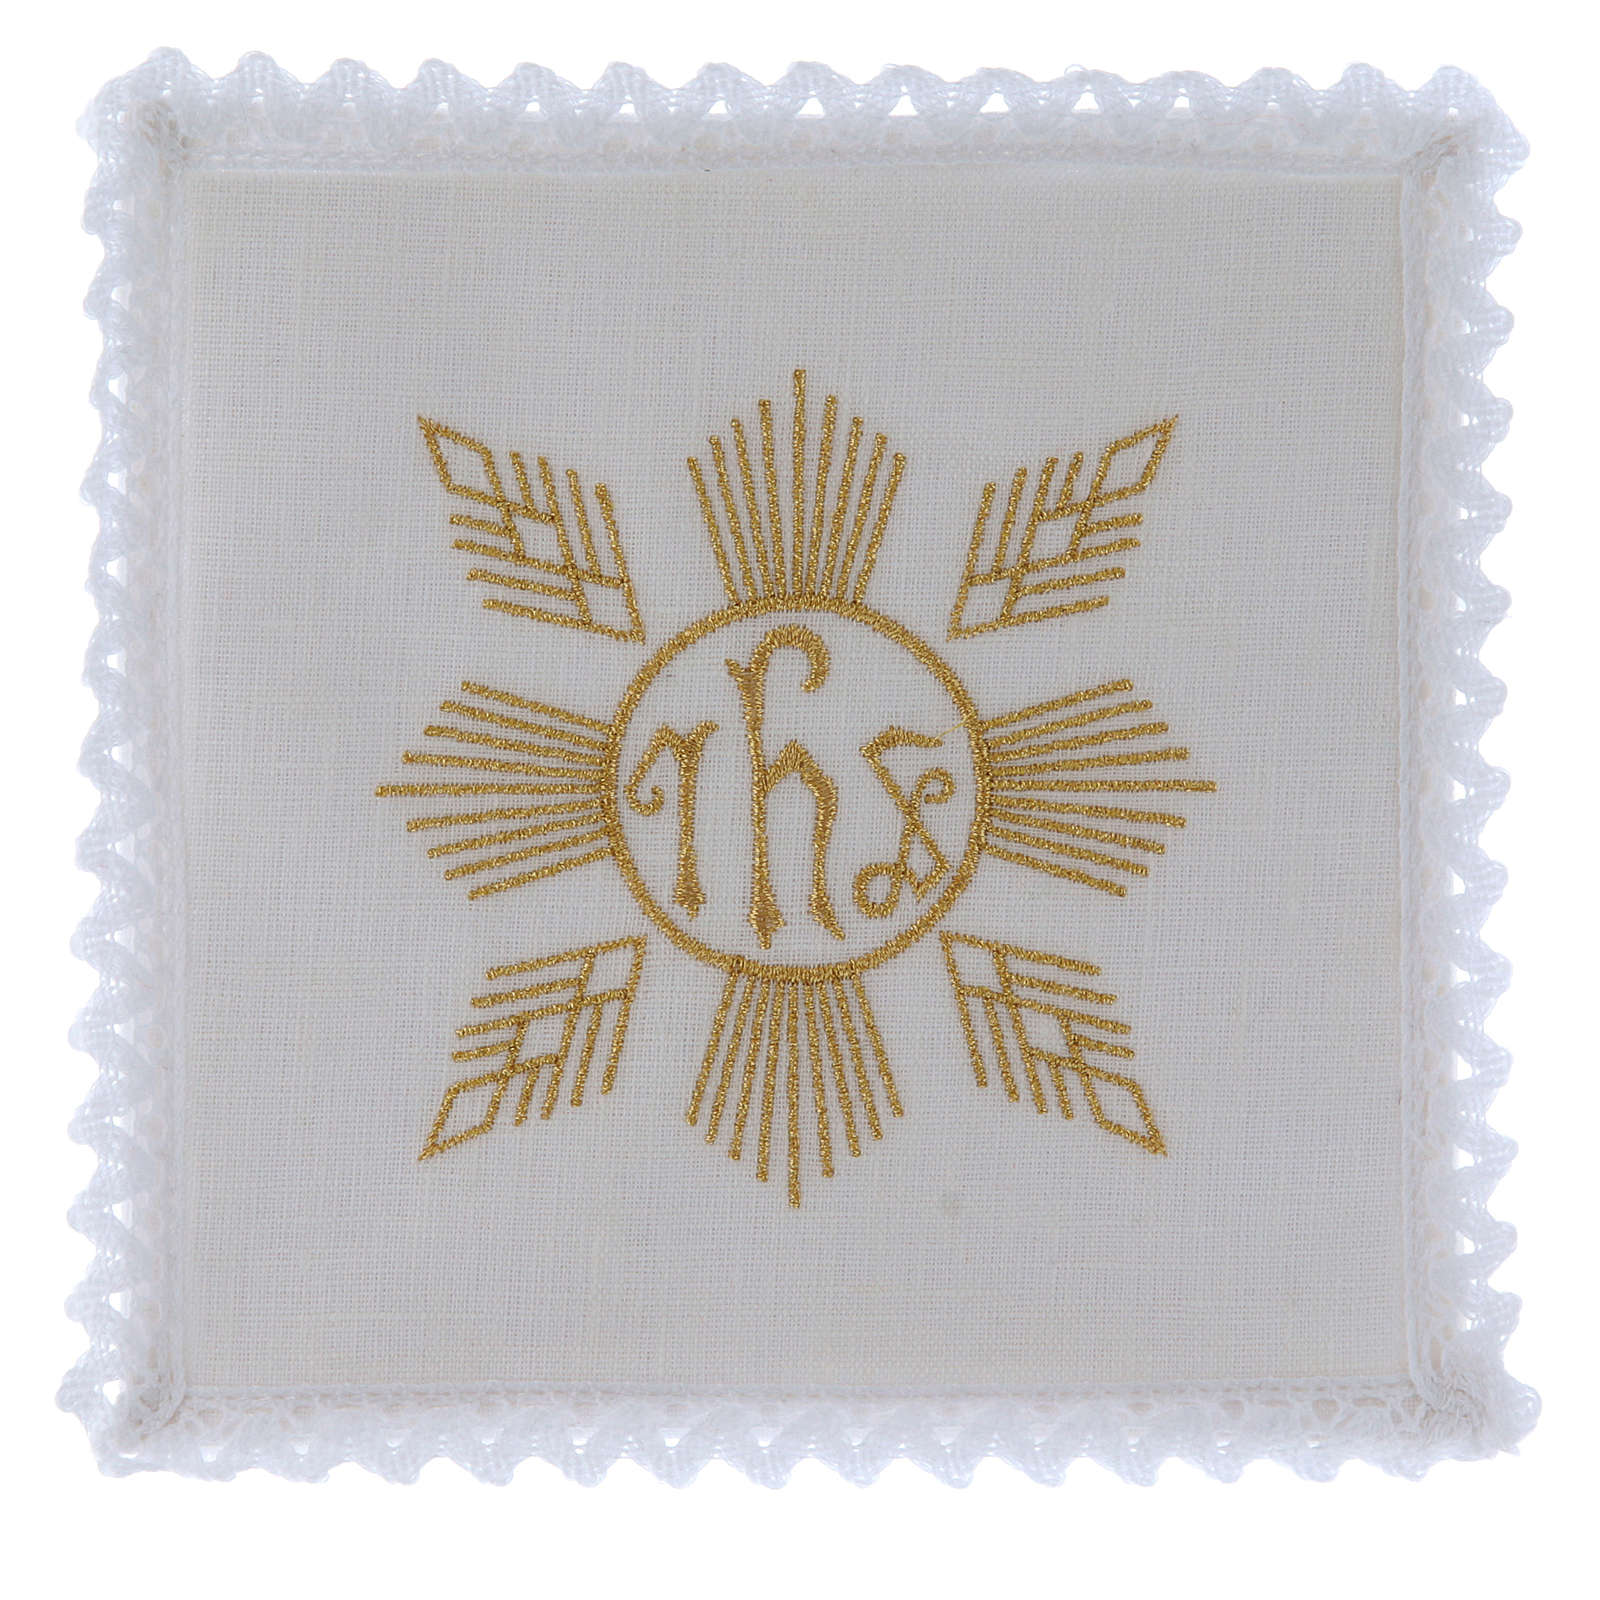 Conjunto de alfaia litúrgica linho bordado dourado motivo geométrico símbolo IHS 4